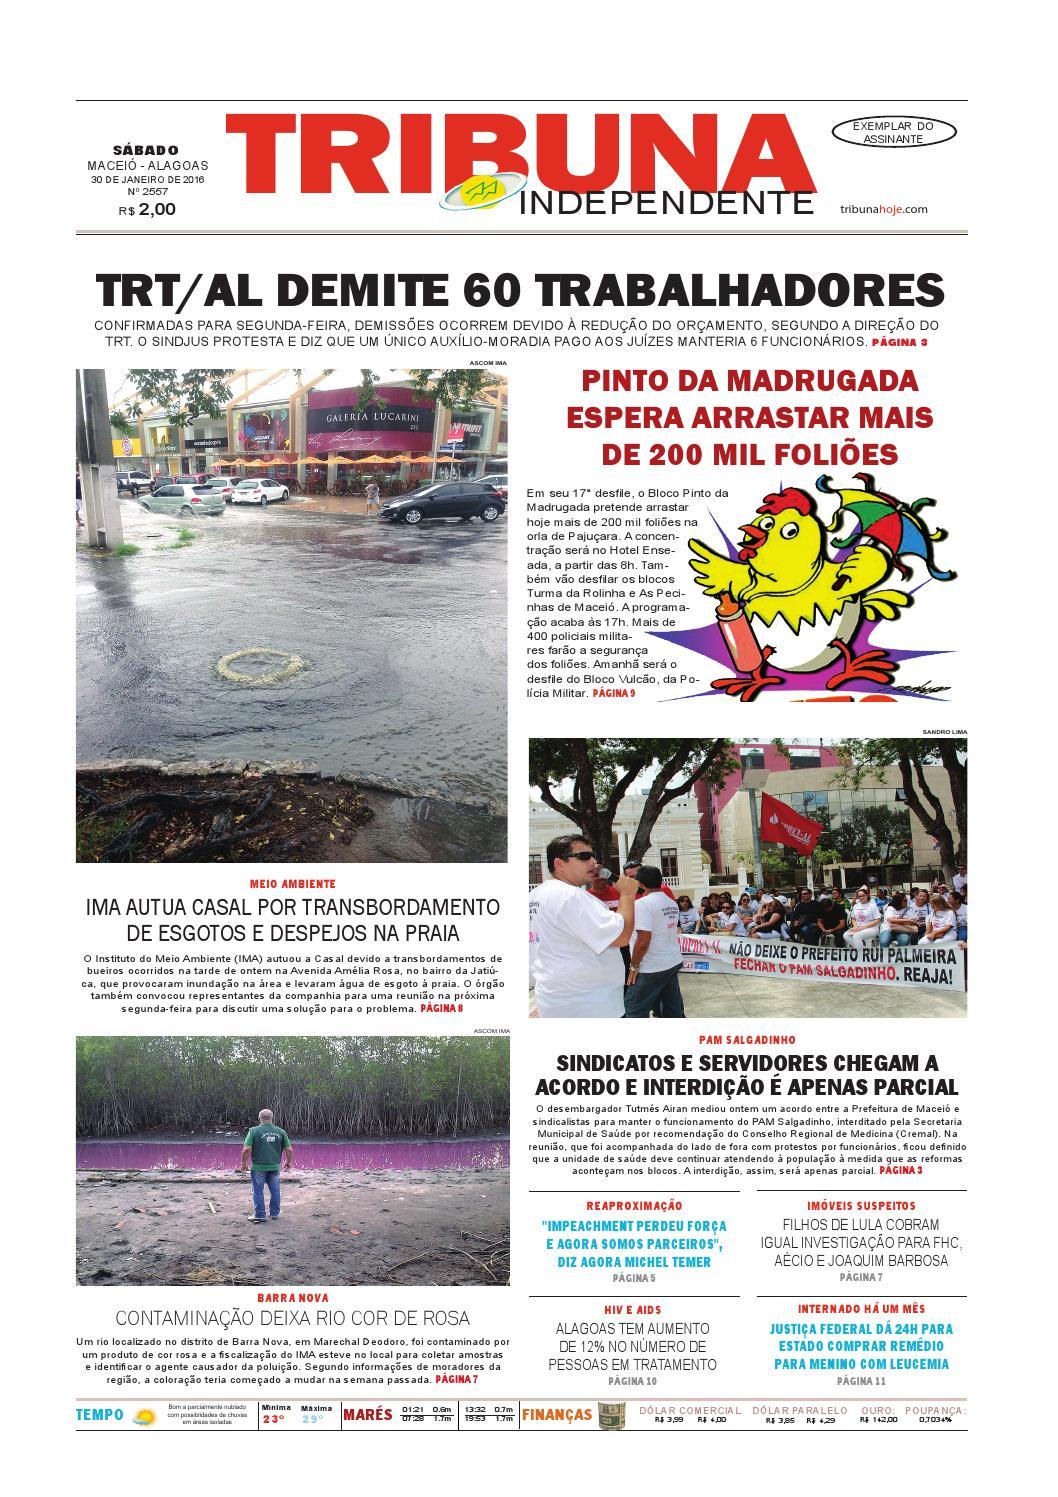 42490ec4f0 Edição número 2557 - 30 de janeiro de 2016 by Tribuna Hoje - issuu